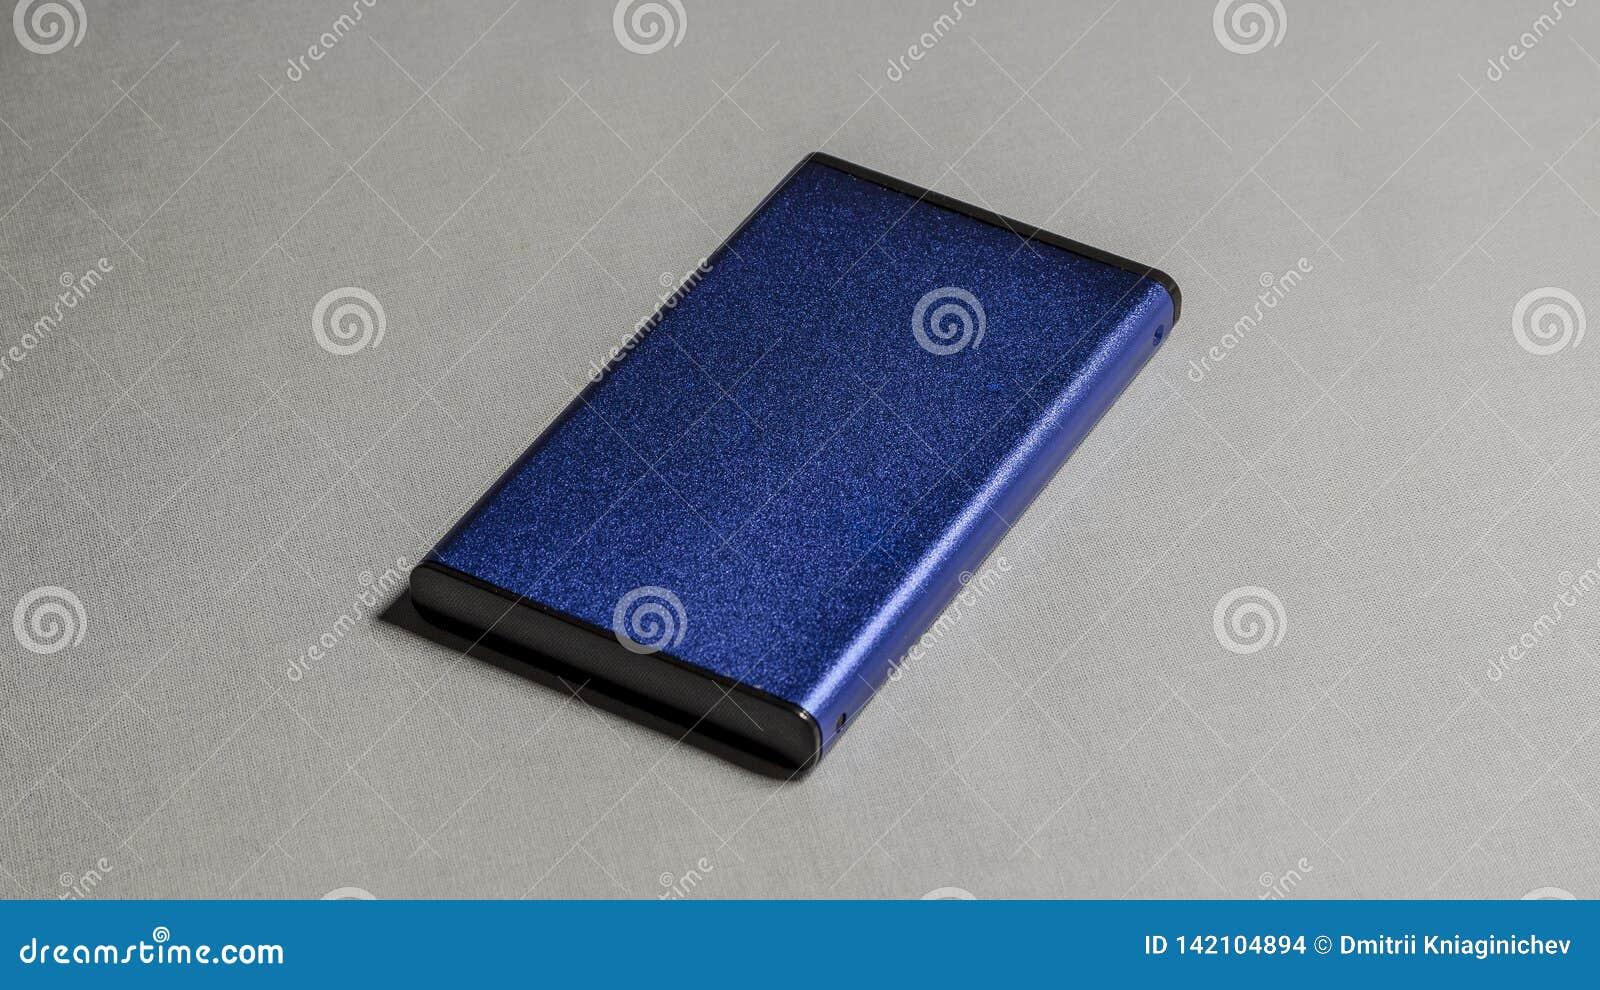 Blauwe doos voor elektronika voorwerp